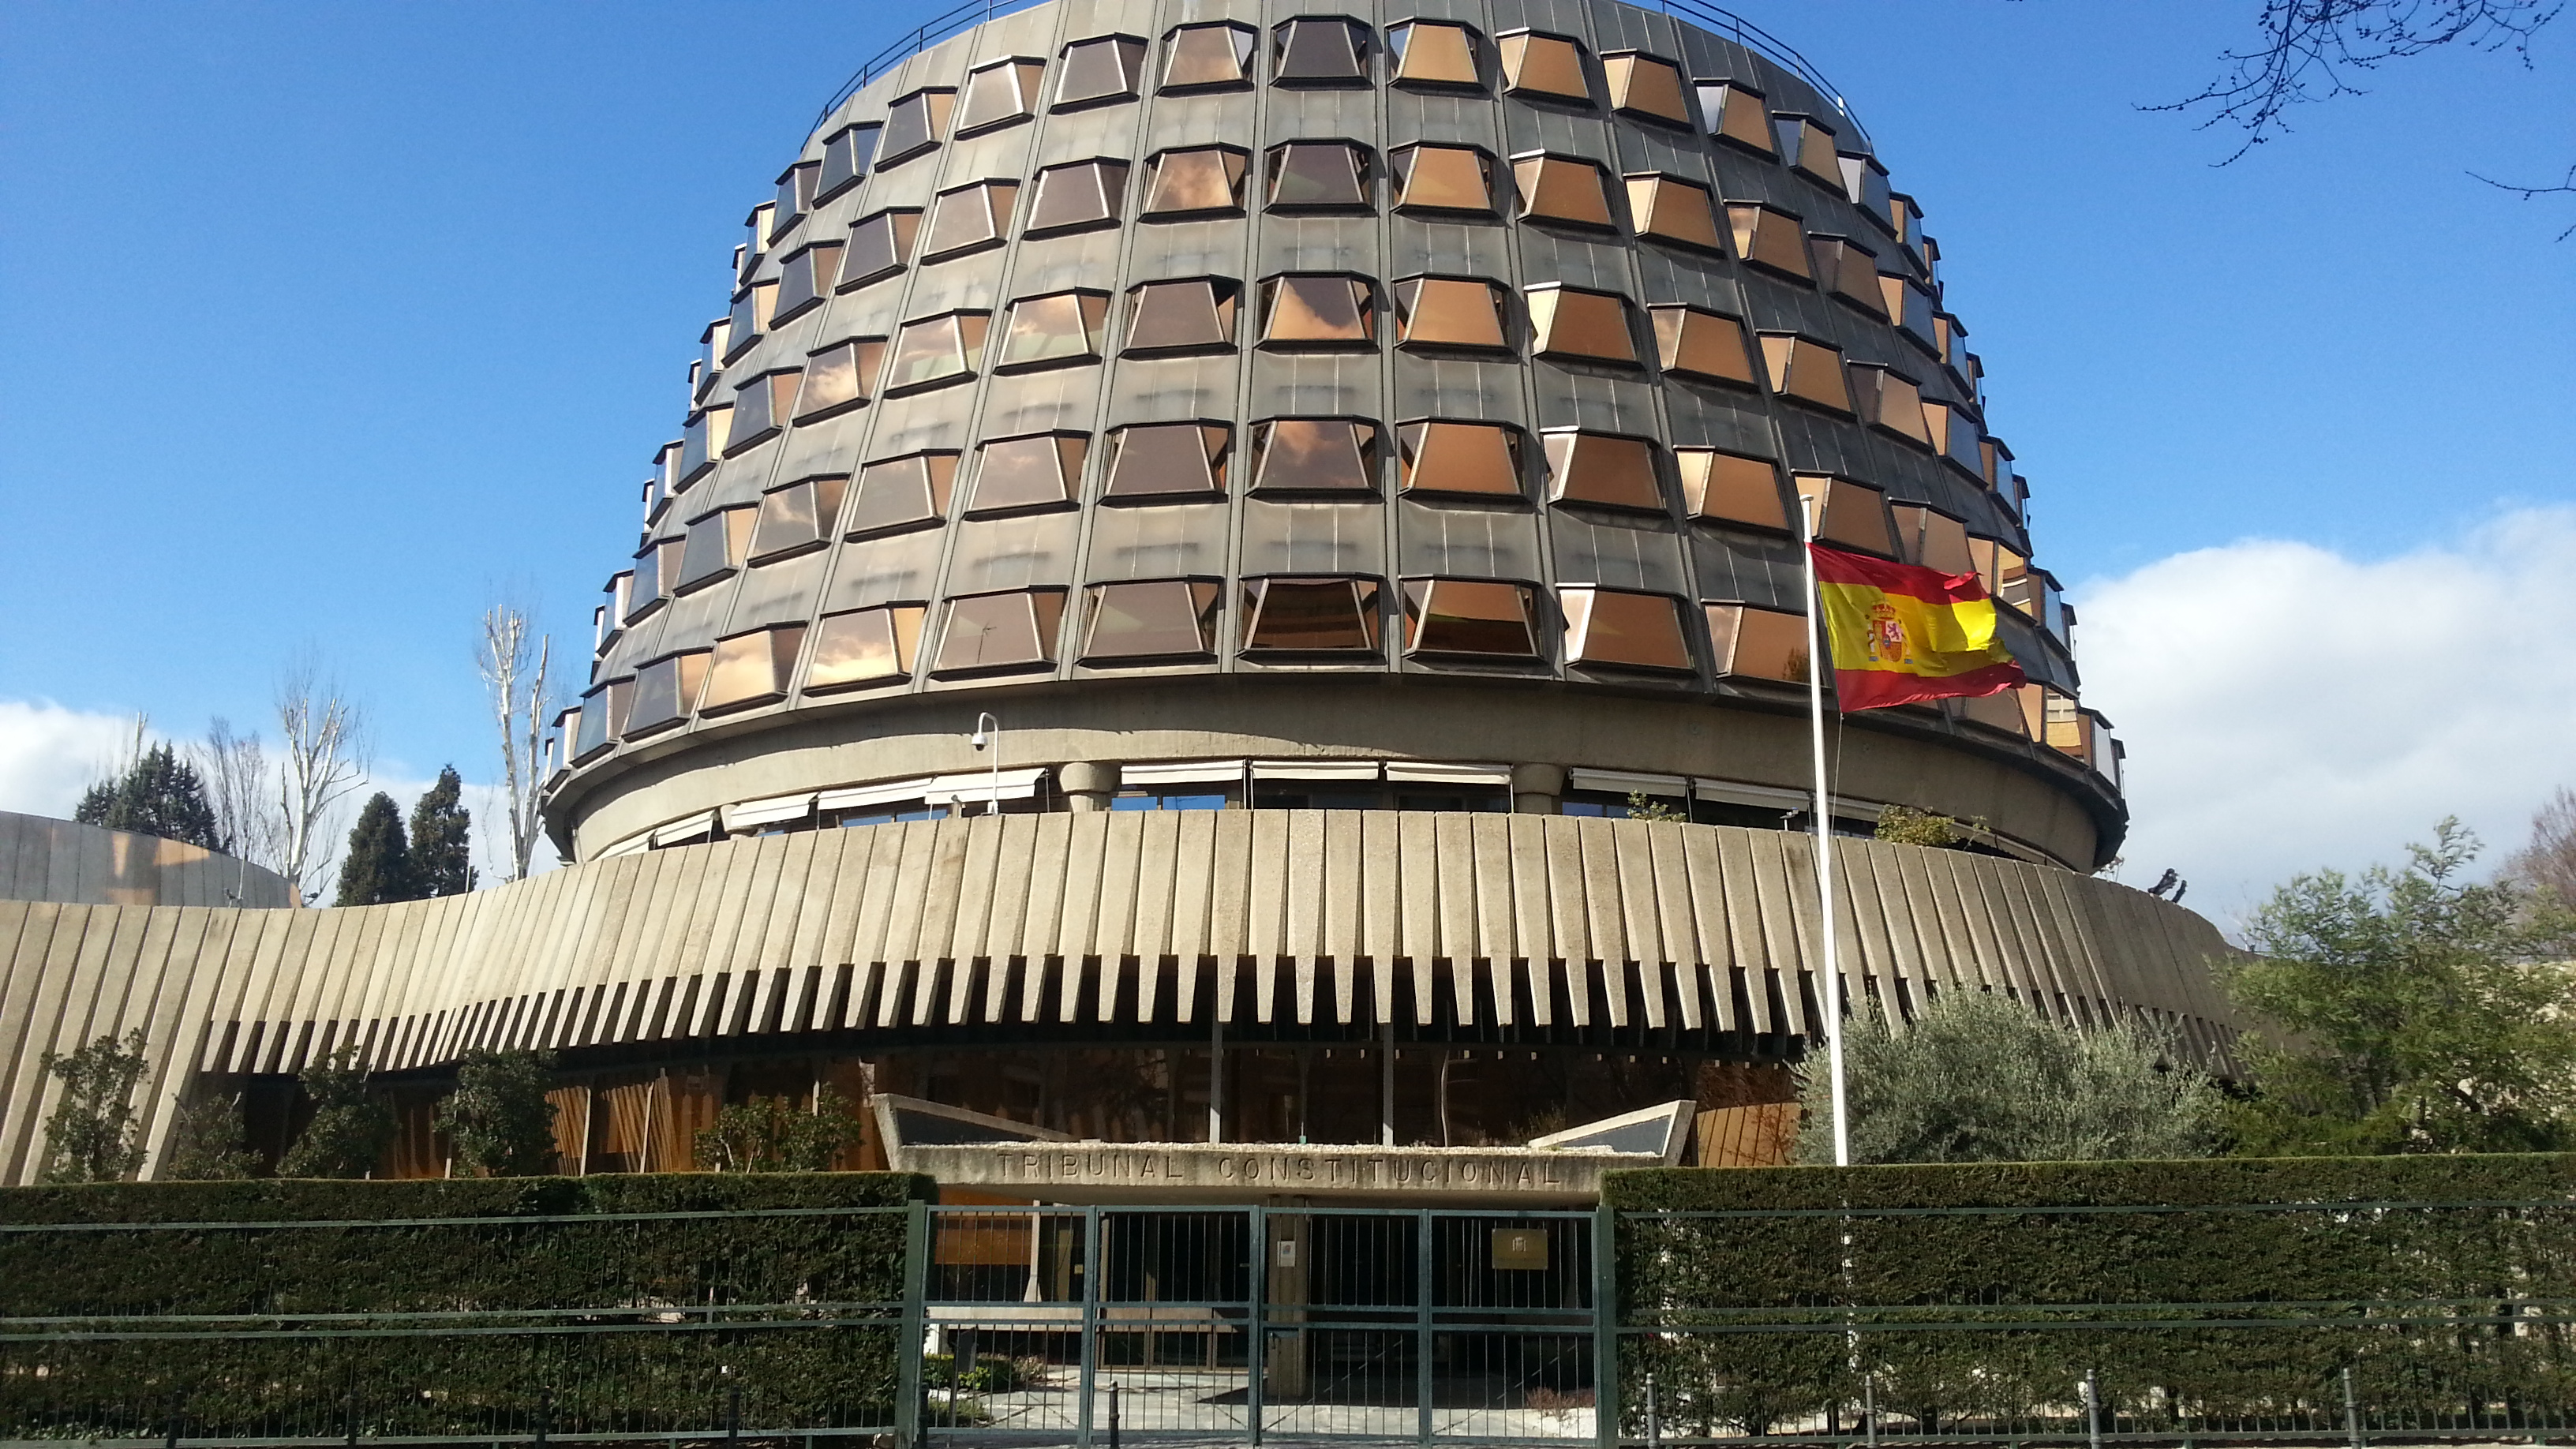 Las competencias de colegiación son estatales, afirma el Tribunal Constitucional